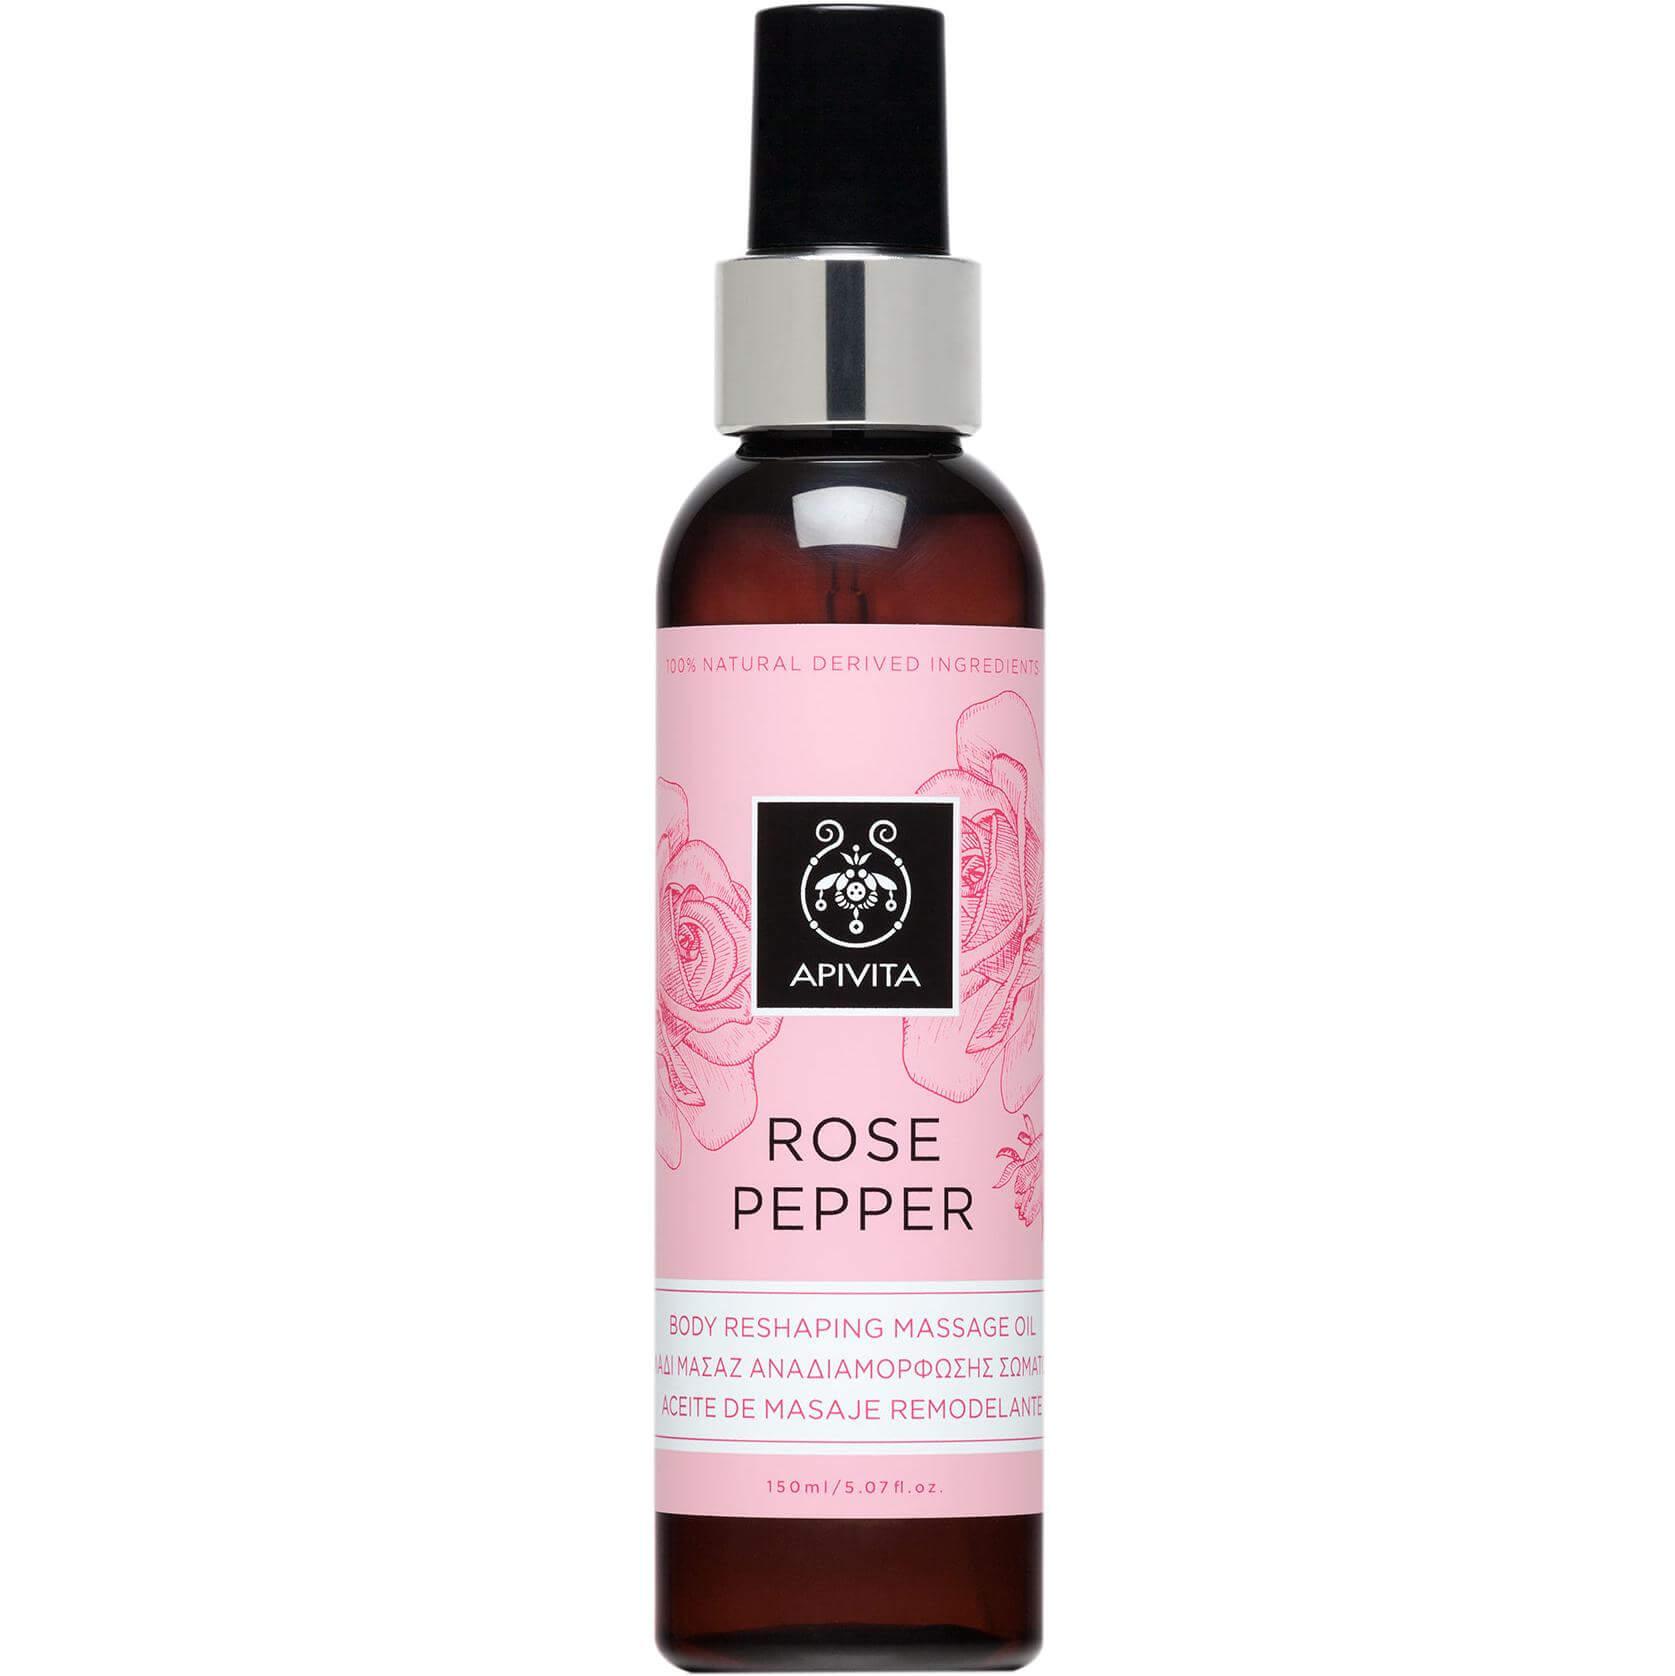 Apivita Rose Pepper Λάδι Μασάζ Αναδιαμόρφωσης Σώματος 150ml 7816